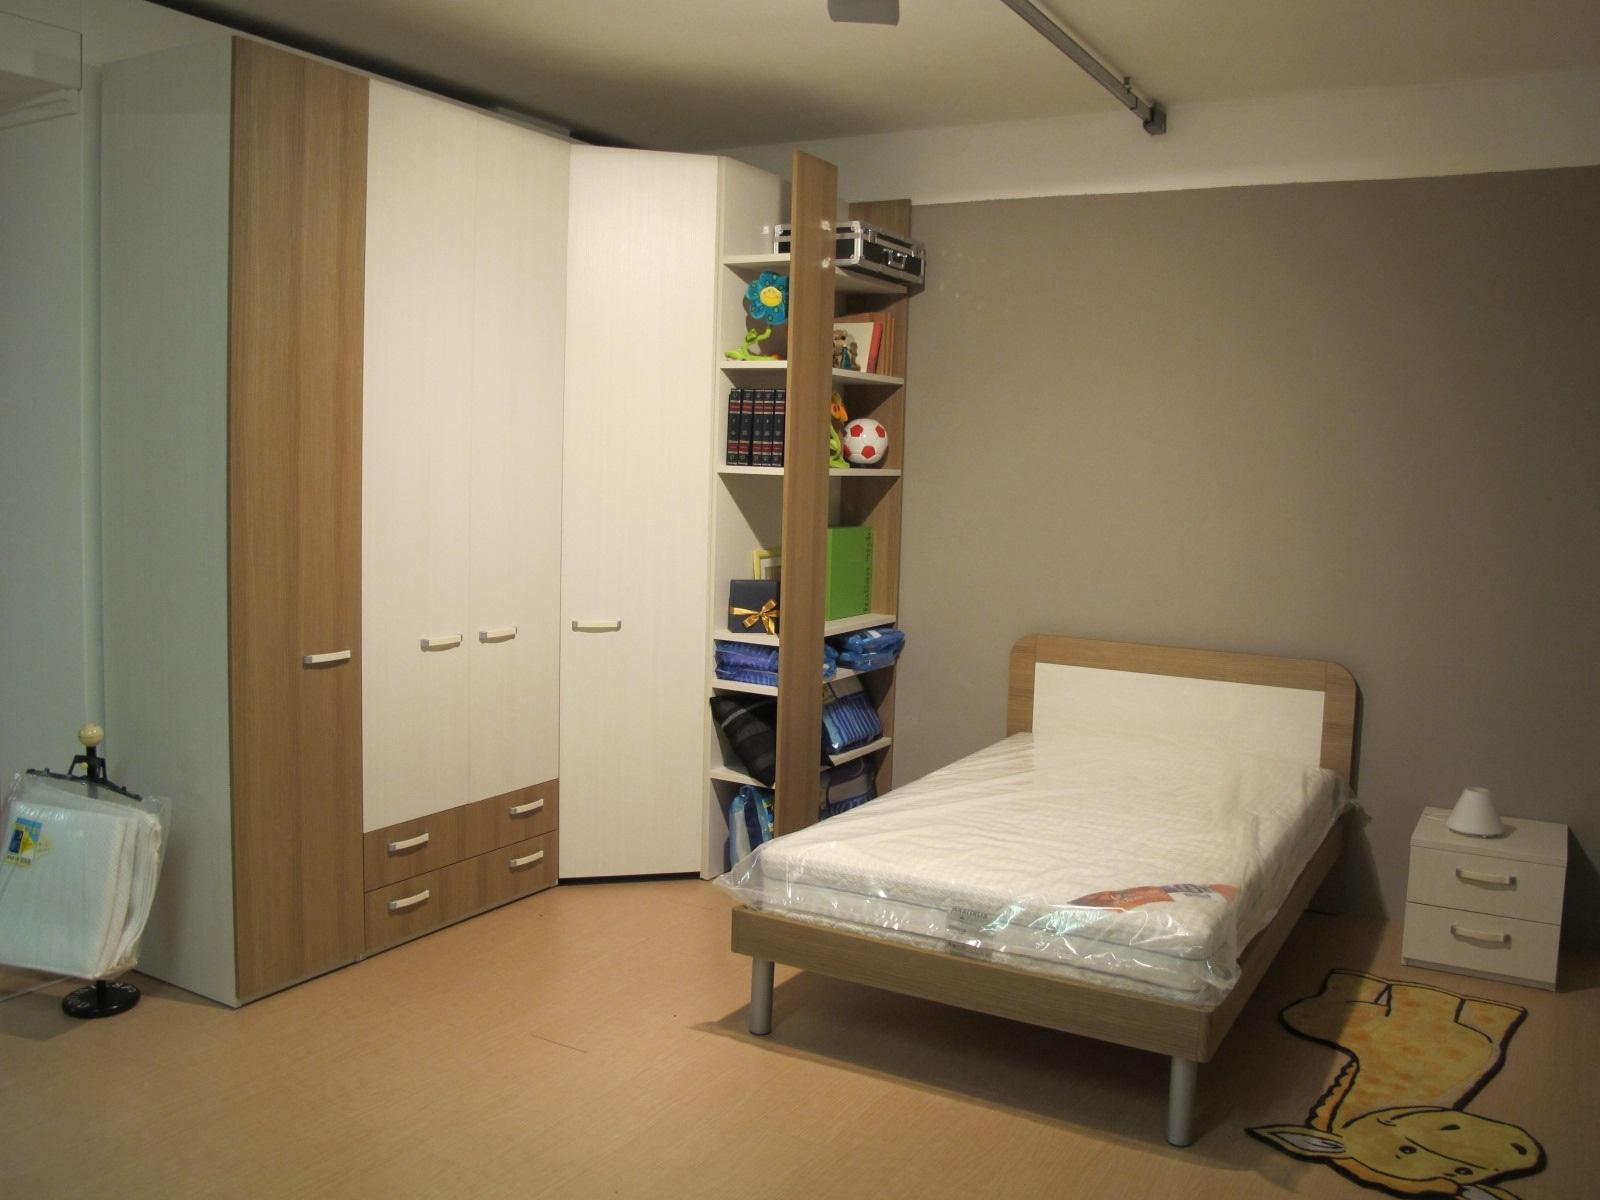 Armadio a letto interesting spazio contenitore sotto il letto with armadio a letto good - Armadio a letto ...